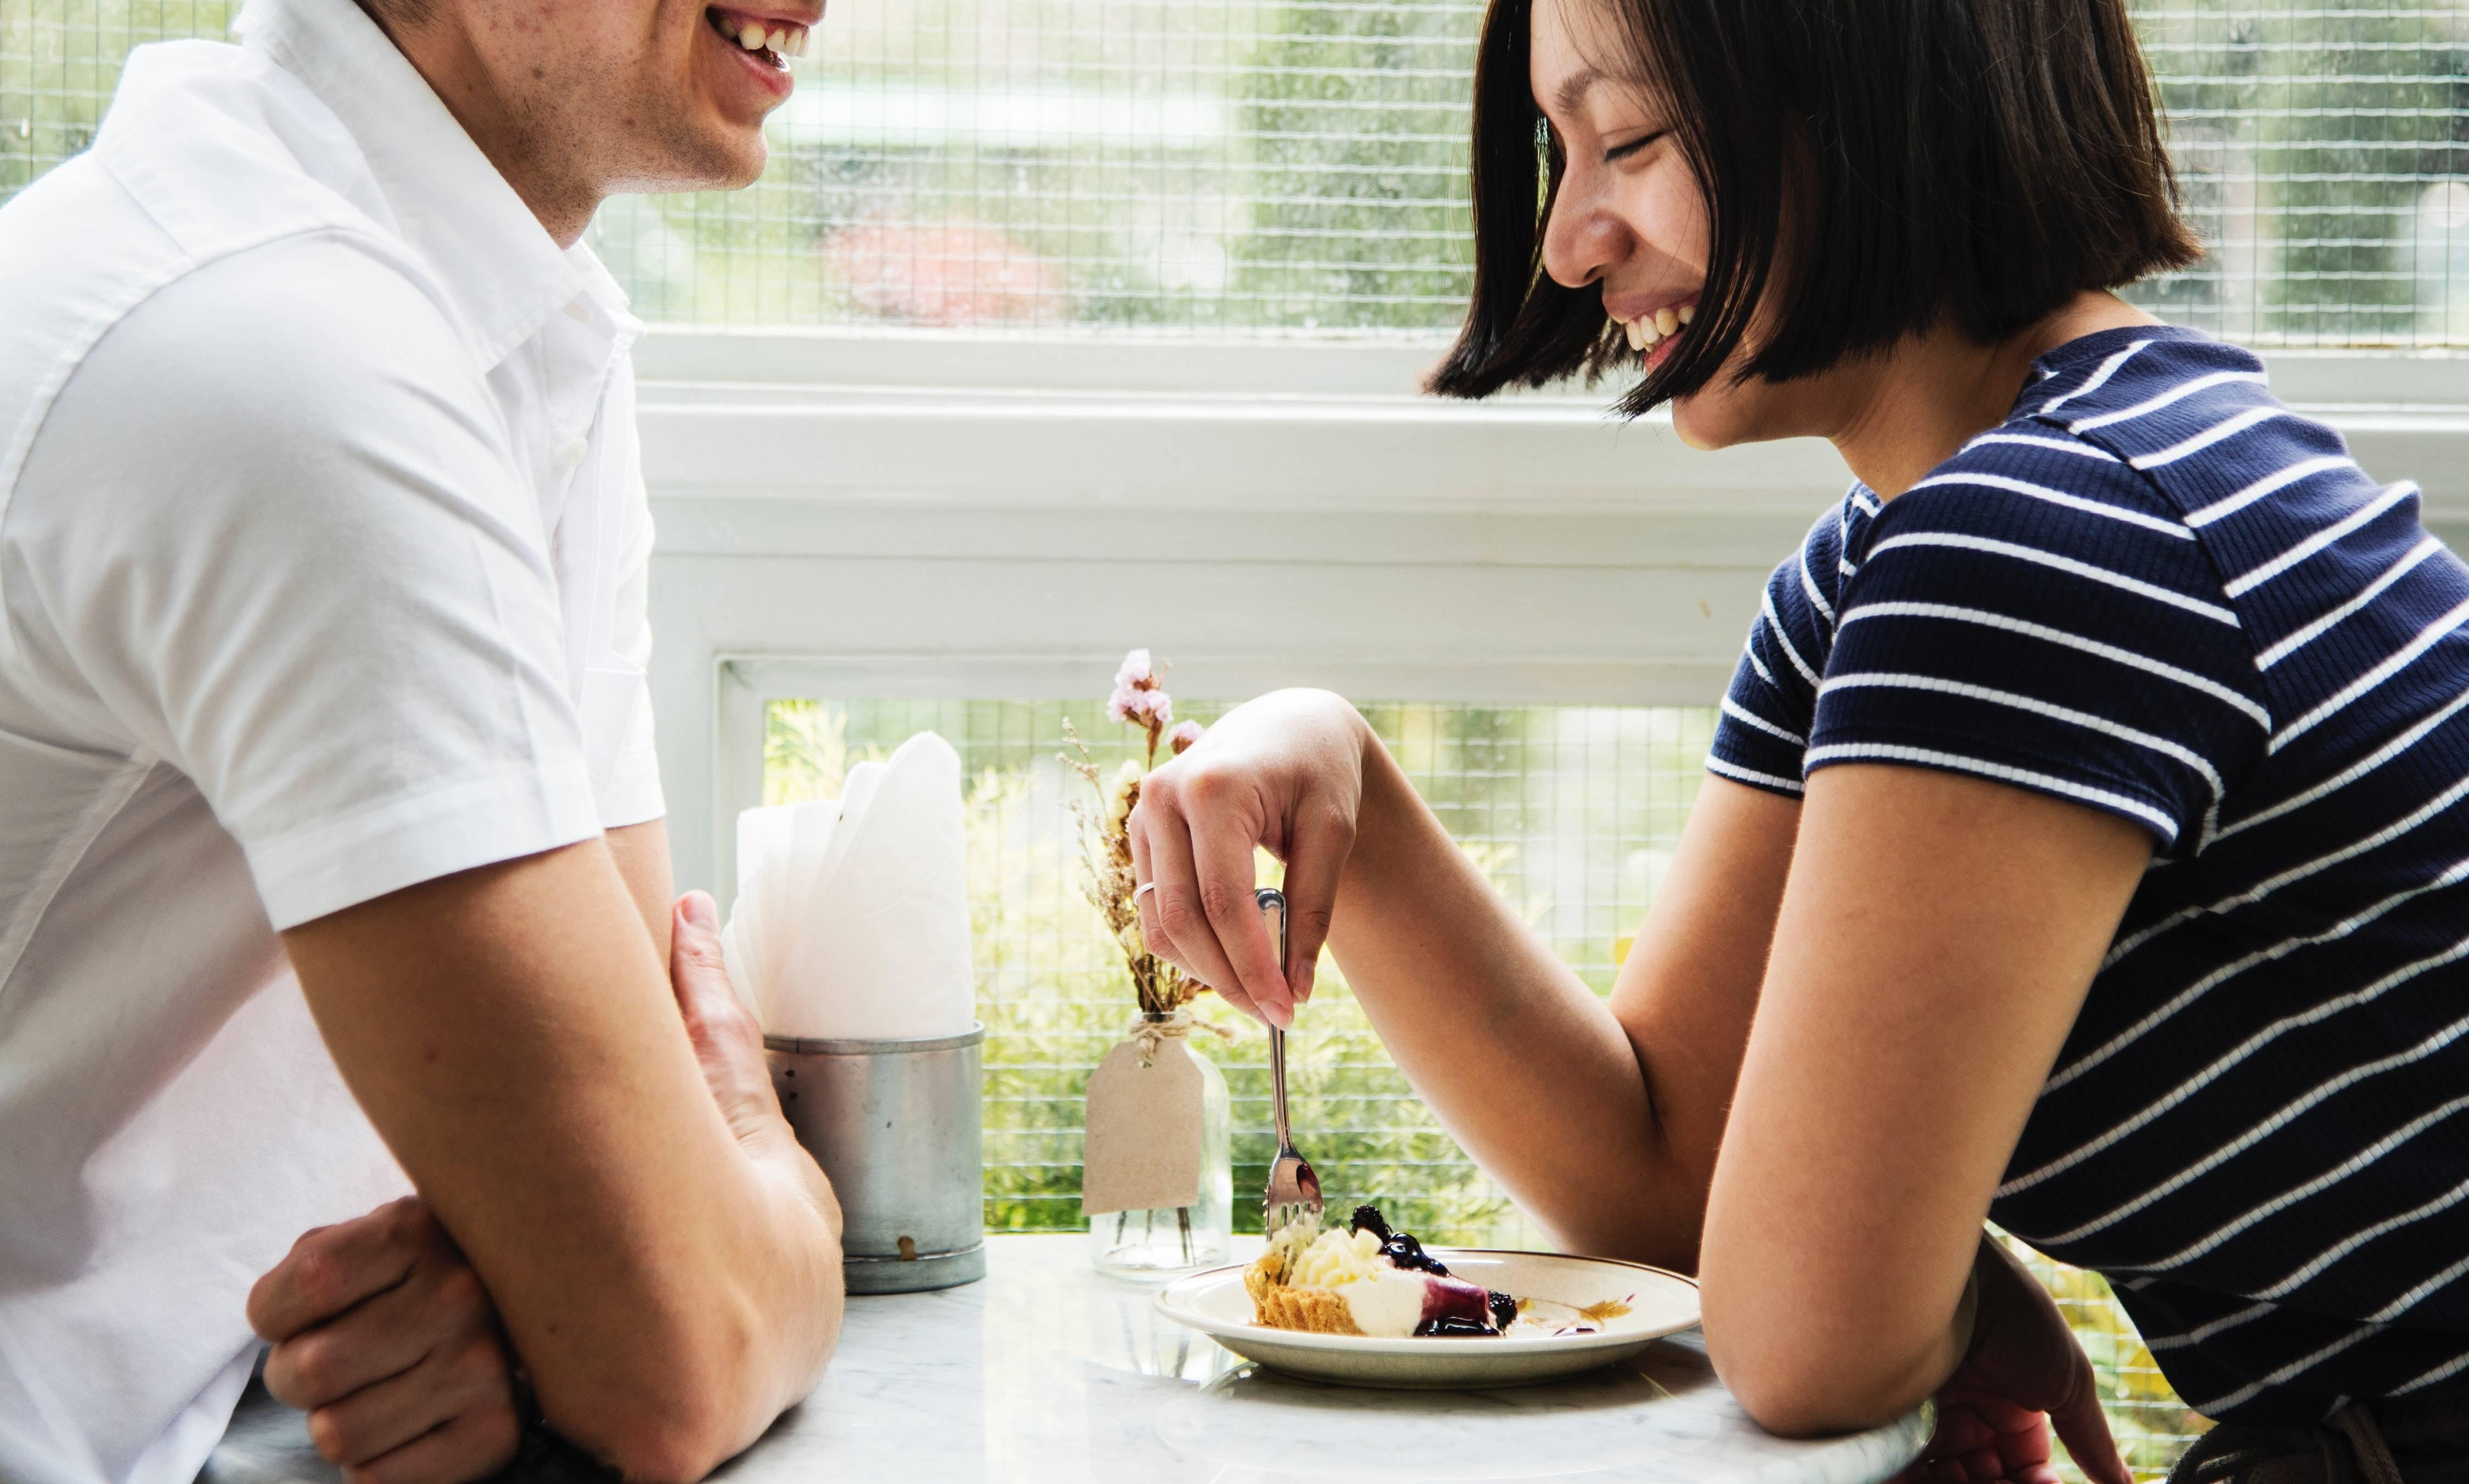 Los hombres tienden a ocultar más el interés sexual que las mujeres, según estudio